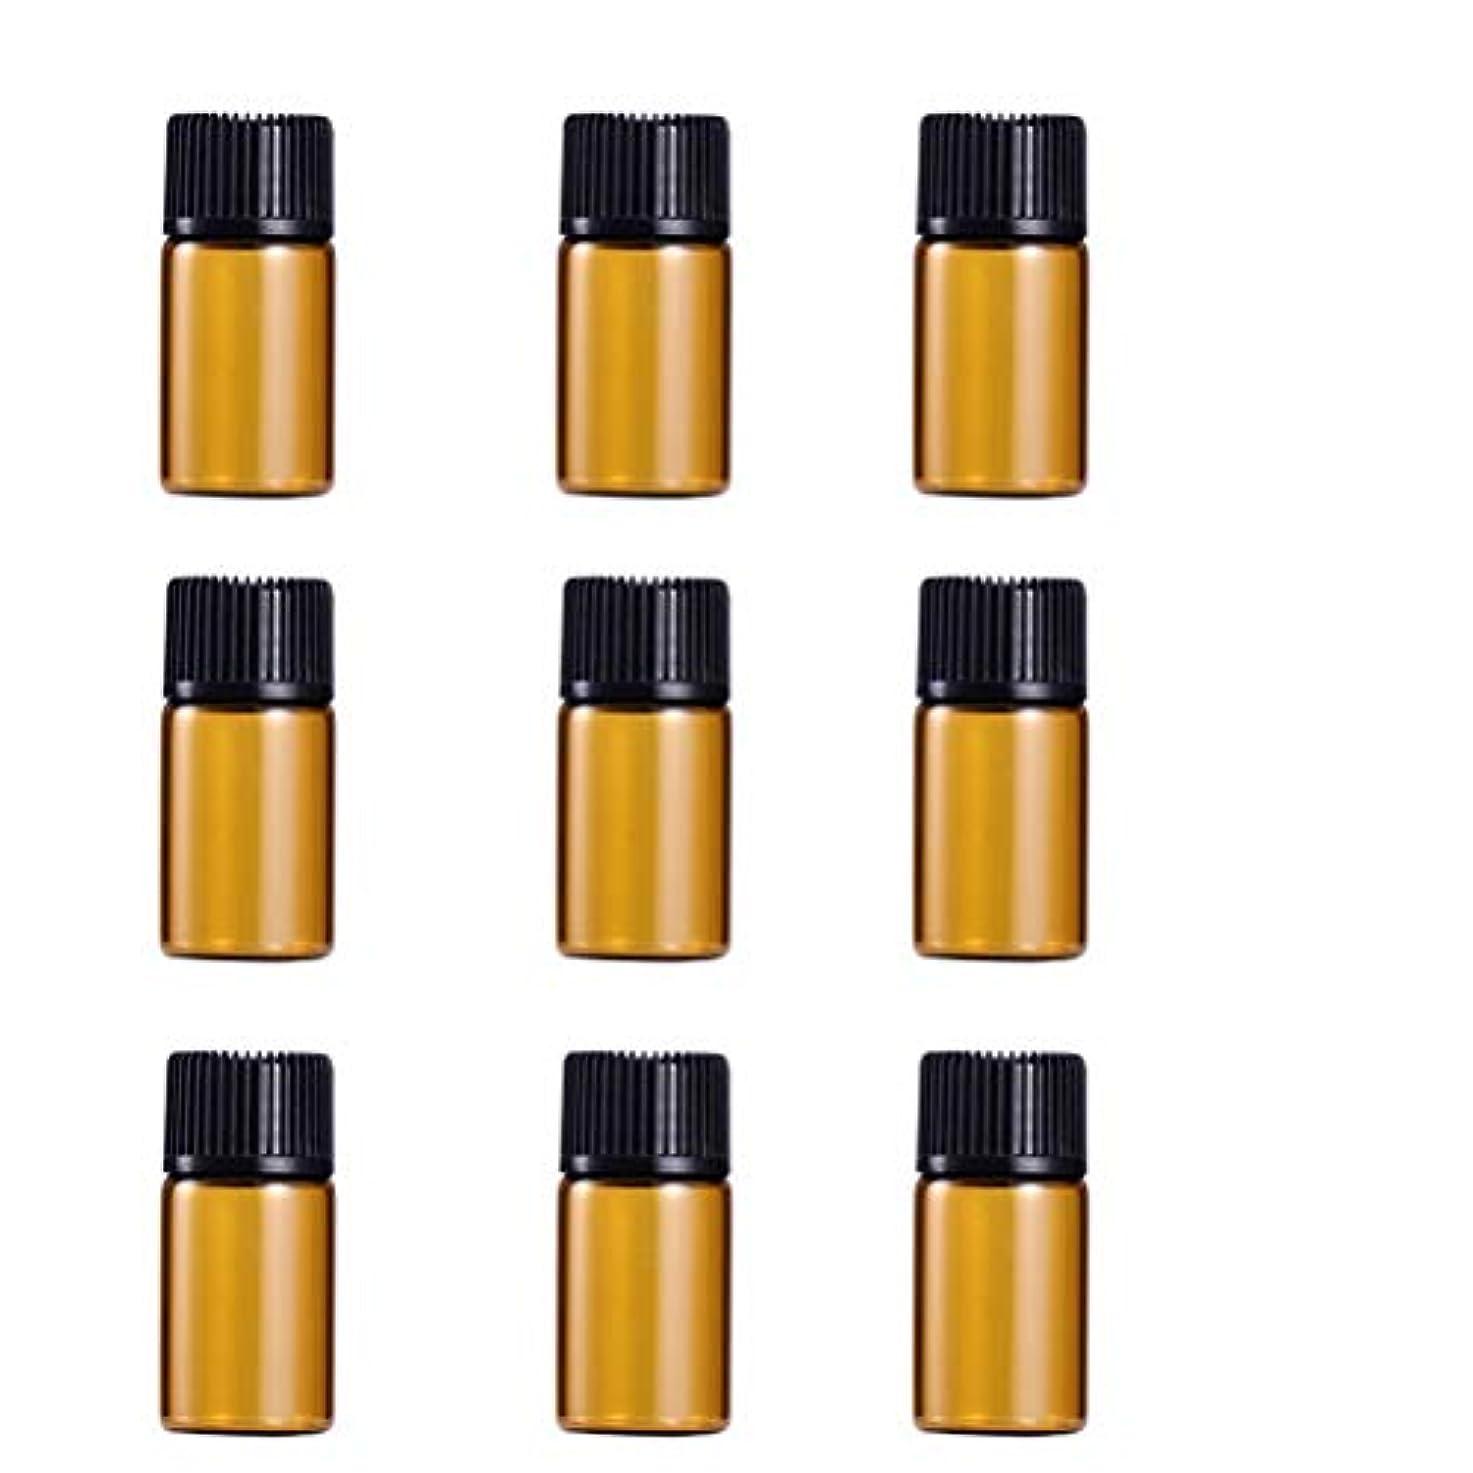 リボンやりがいのある読書をするWINOMO 遮光瓶 アロマオイル 精油 小分け用 遮光瓶セット アロマボトル 保存容器 エッセンシャルオイル 香水 保存用 詰替え ガラス 茶色(9個入り 3ml)